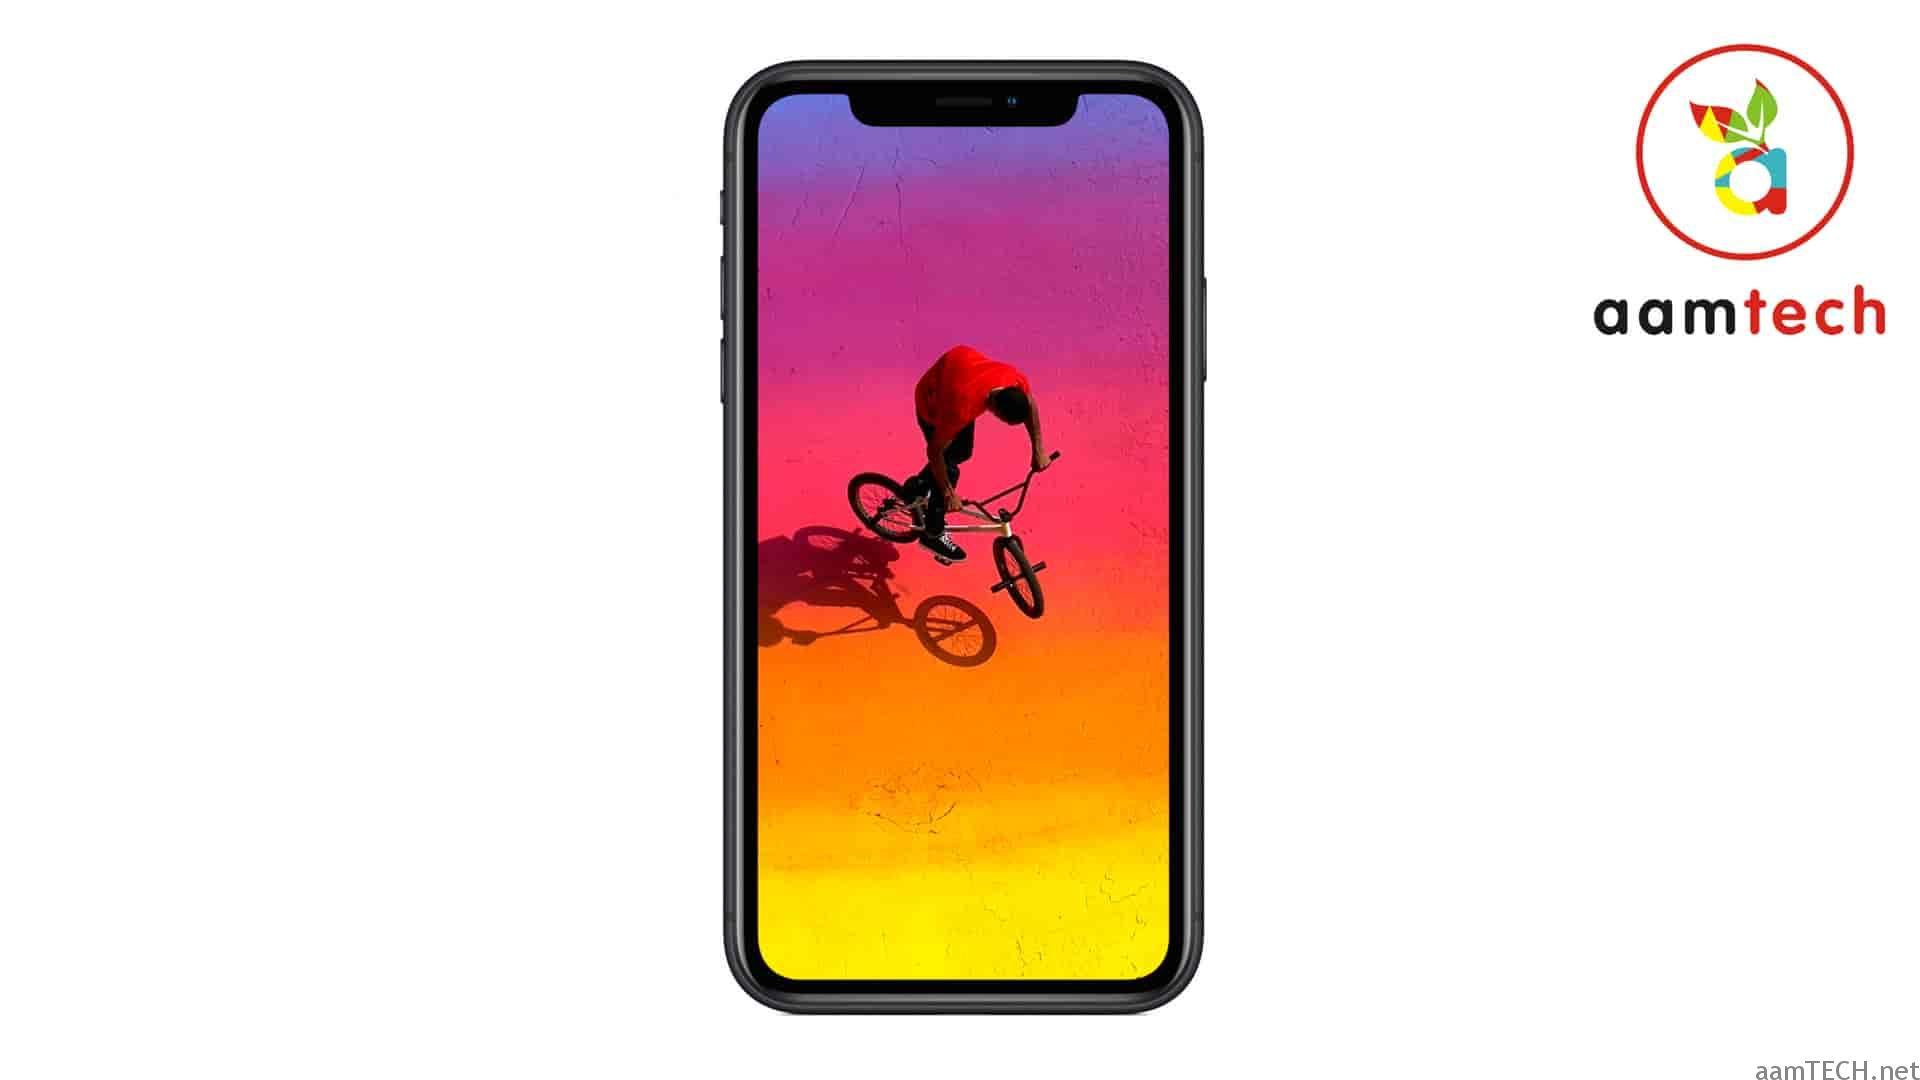 iphone 10 price in india